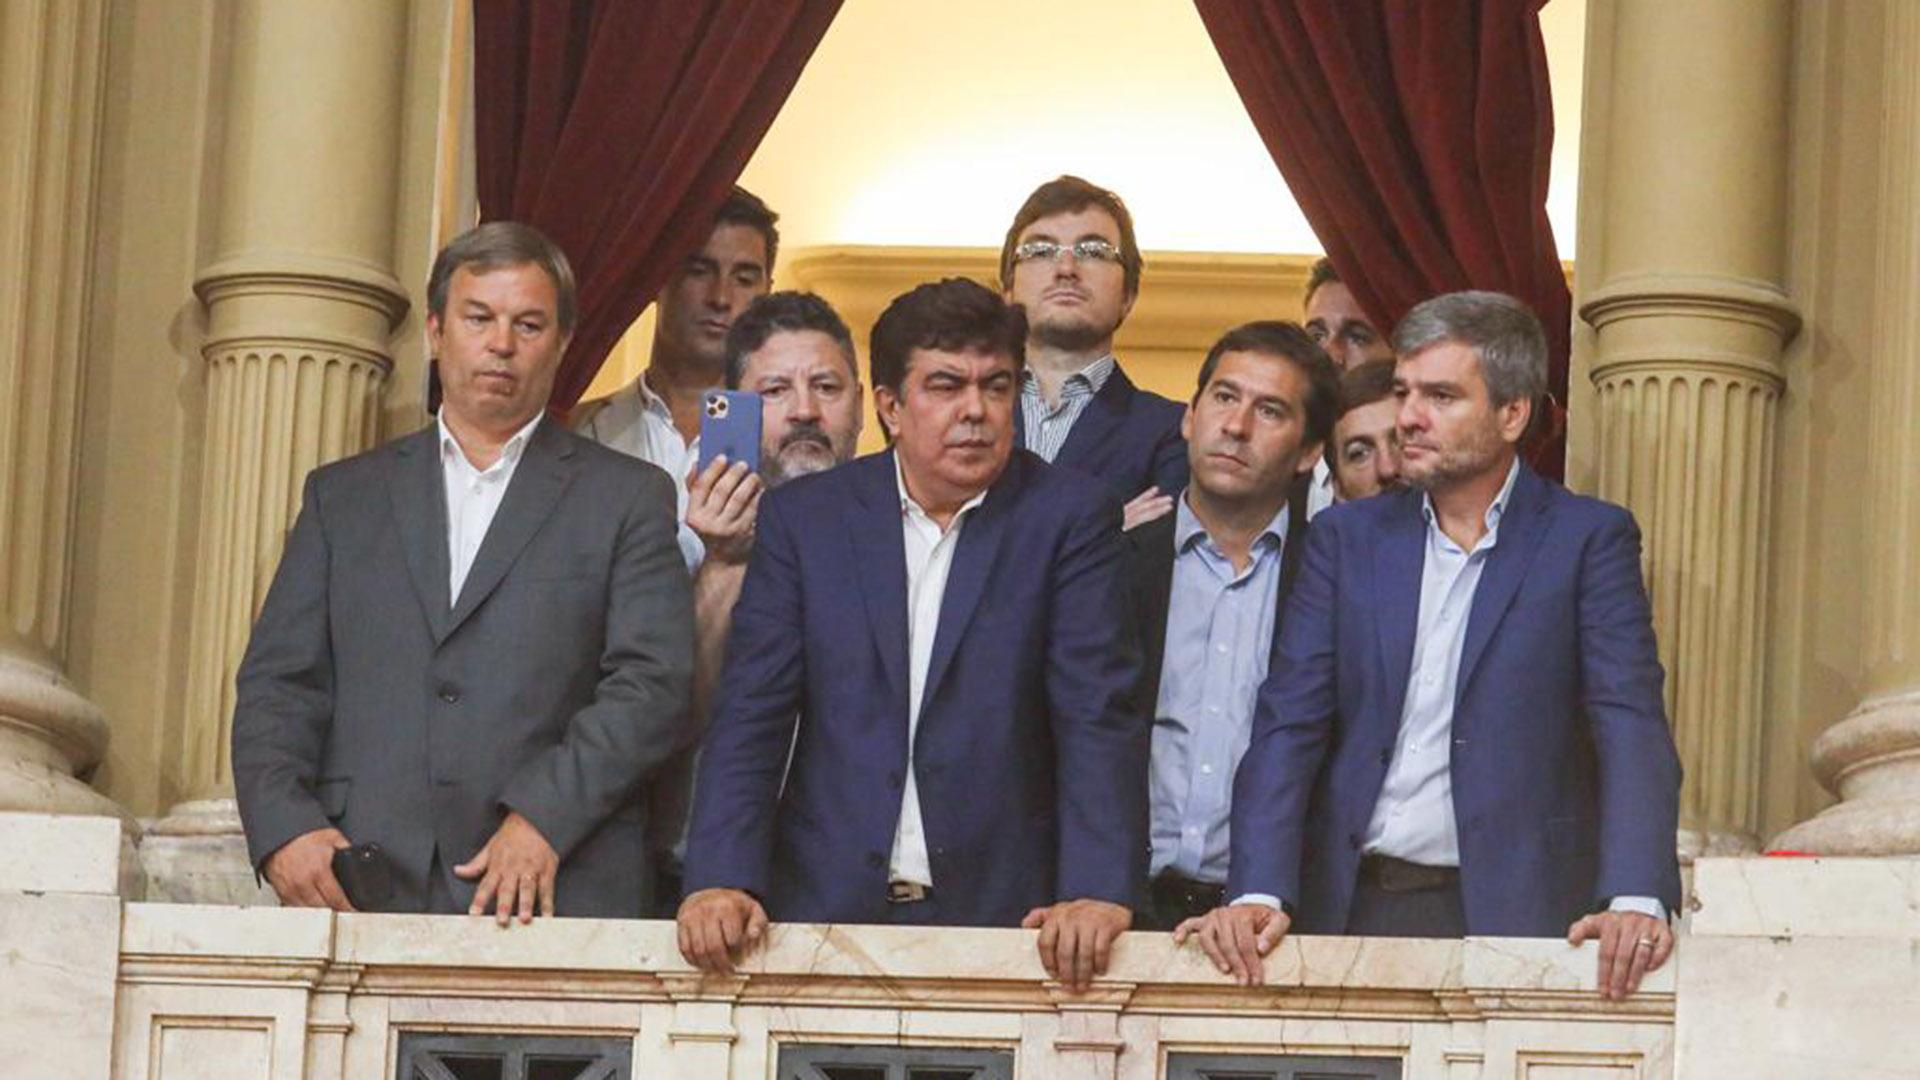 Mariano Cascallares, Fernando Espinoza, Gustavo Menéndez y Juan Zabaleta encabezan el palco de los intendentes bonaerenses